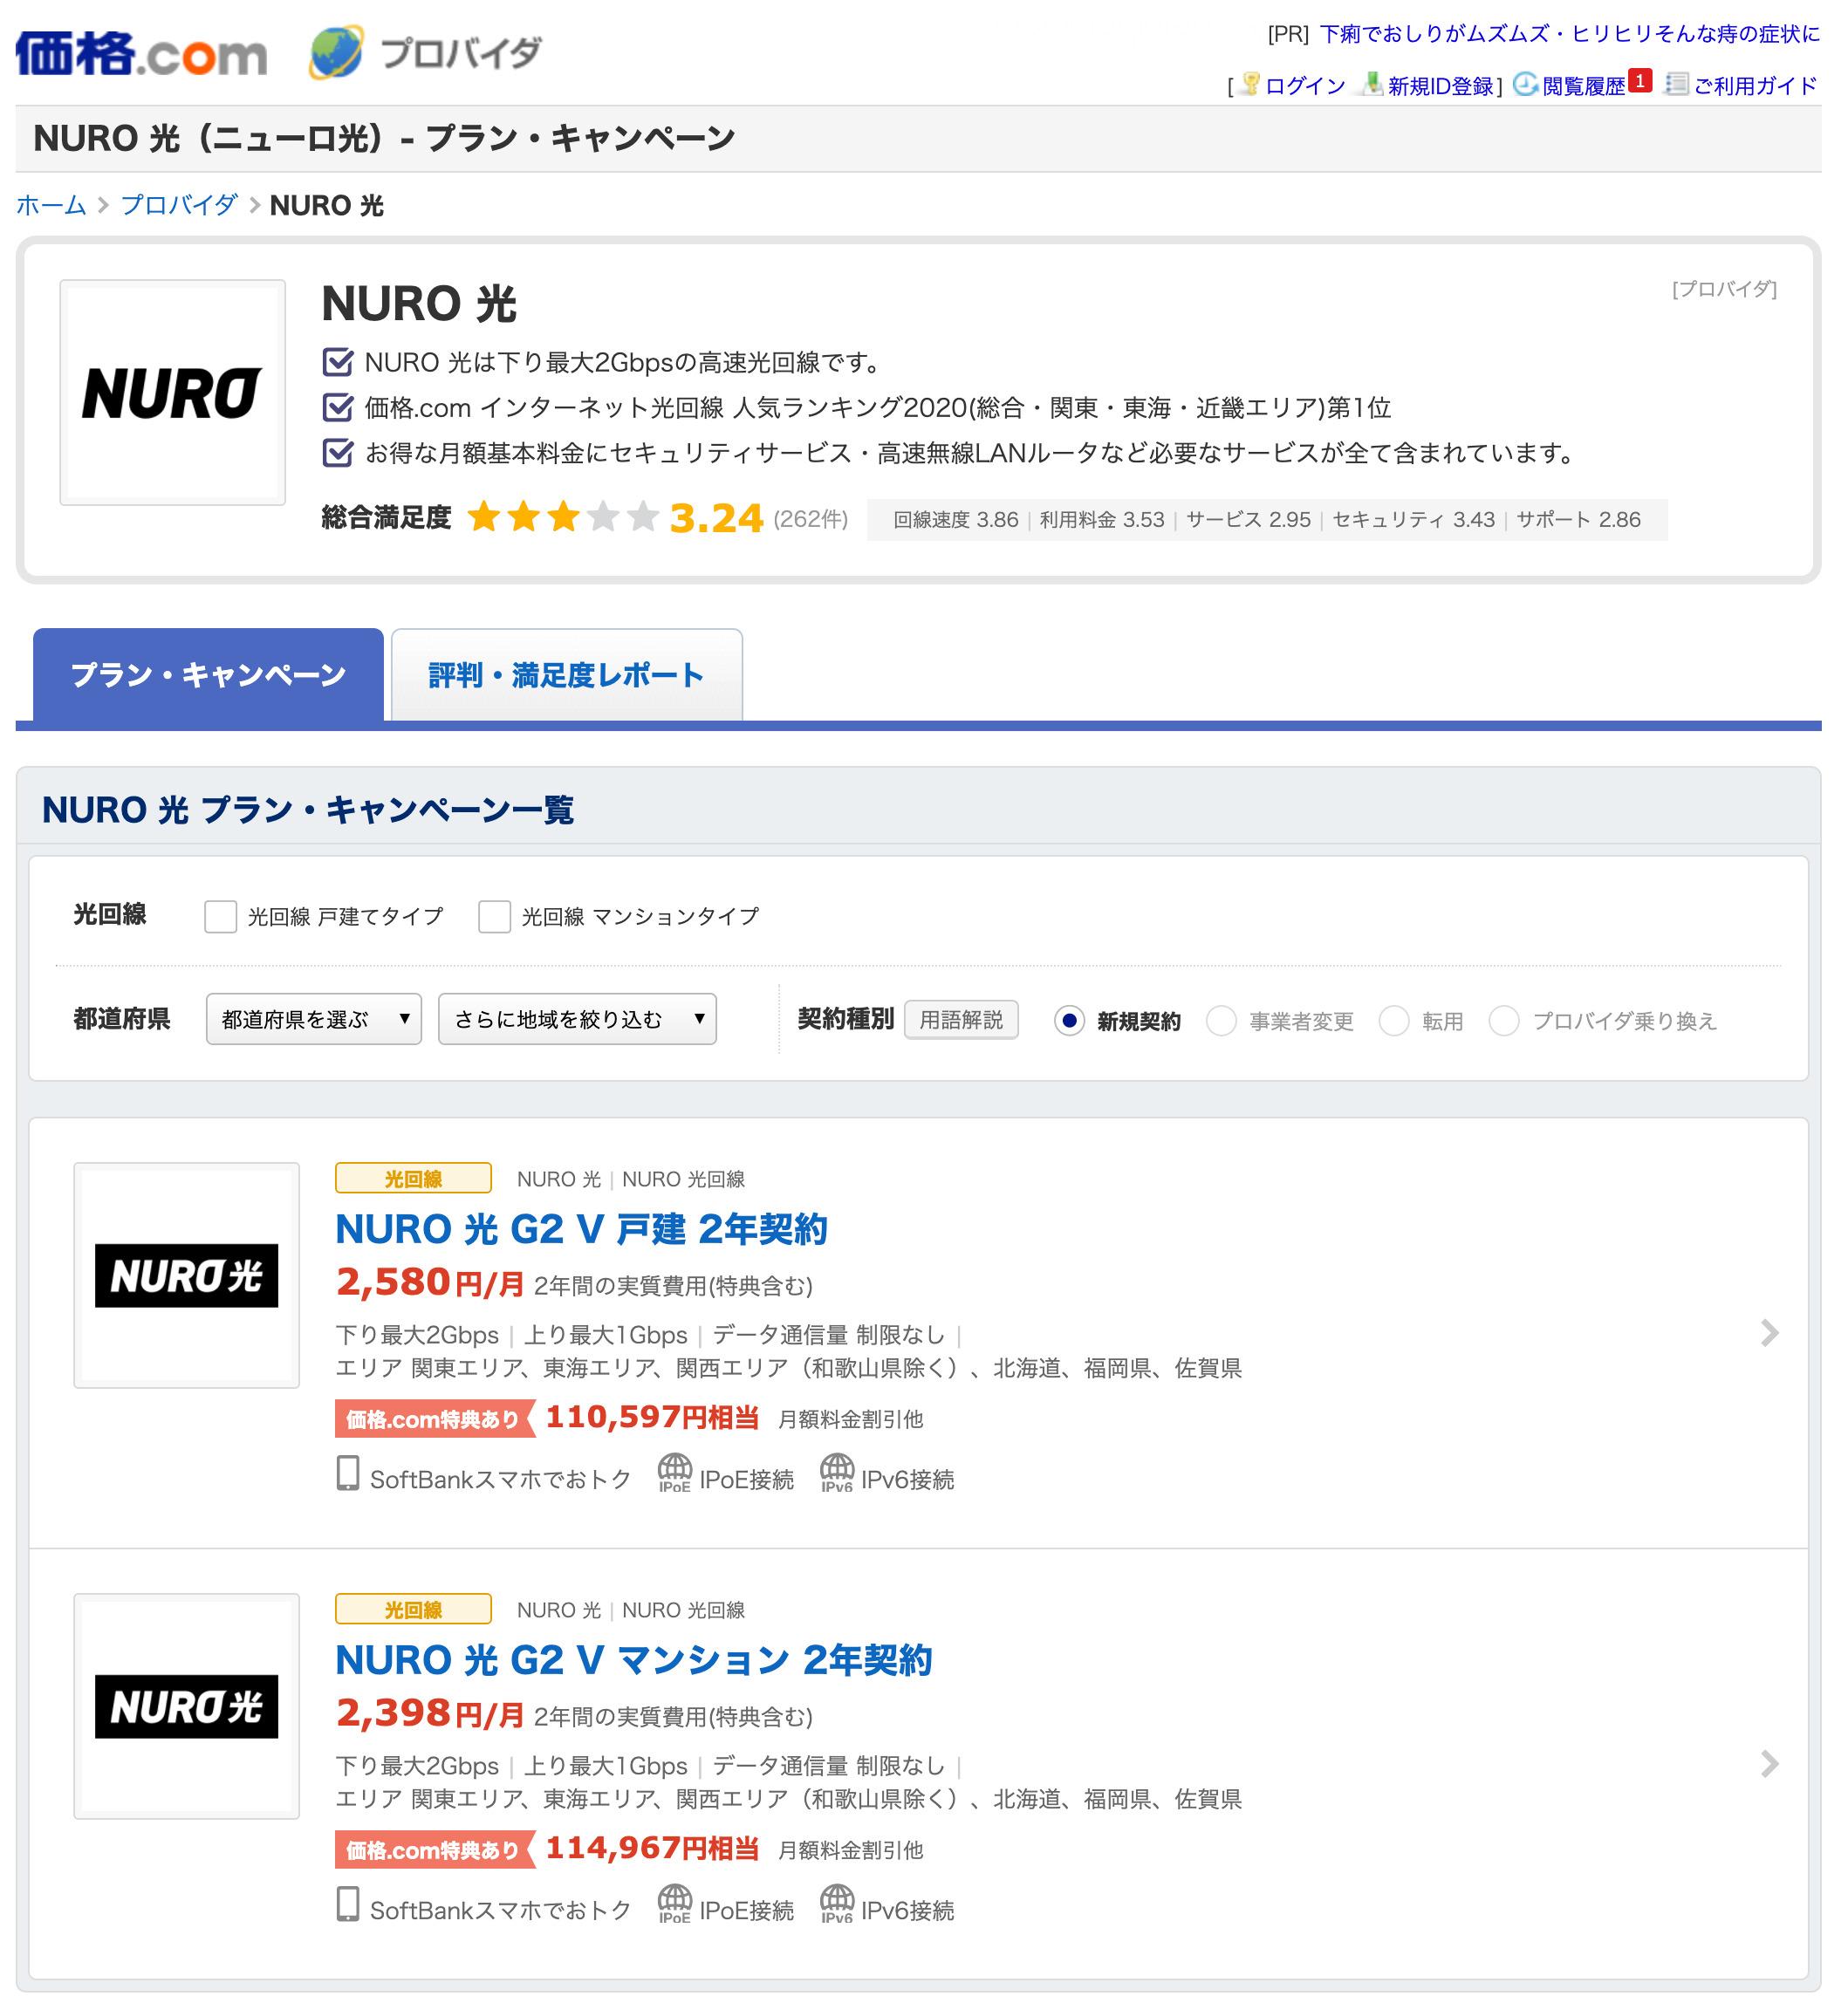 NURO光の価格ドットコム